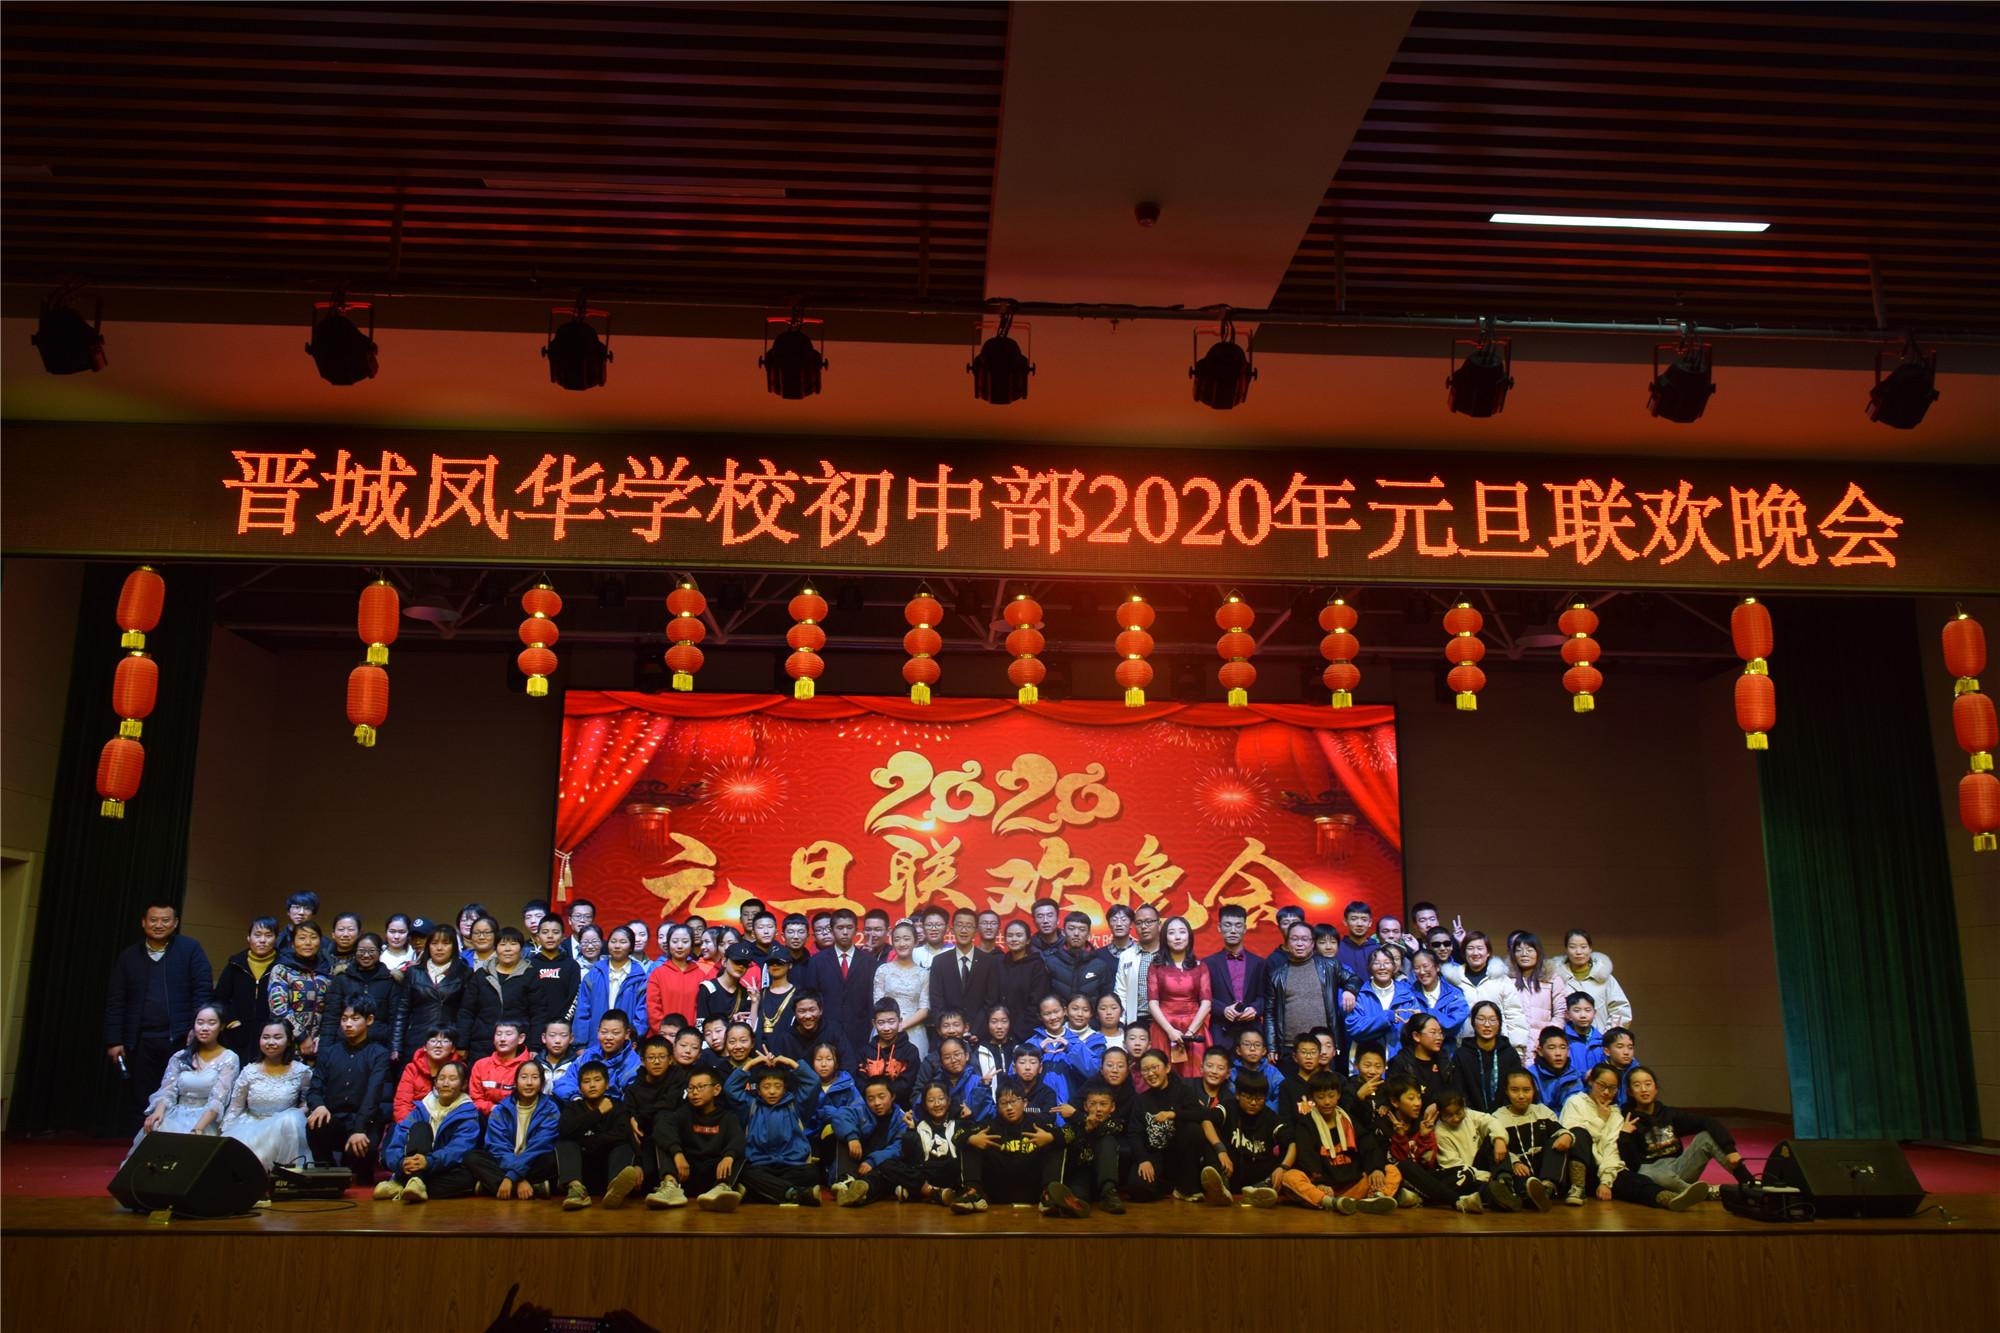 我心飞扬 不负韶hua——晋cheng网蓌i某〉锹窖3鮶hongbu2020年元旦lian欢晚会